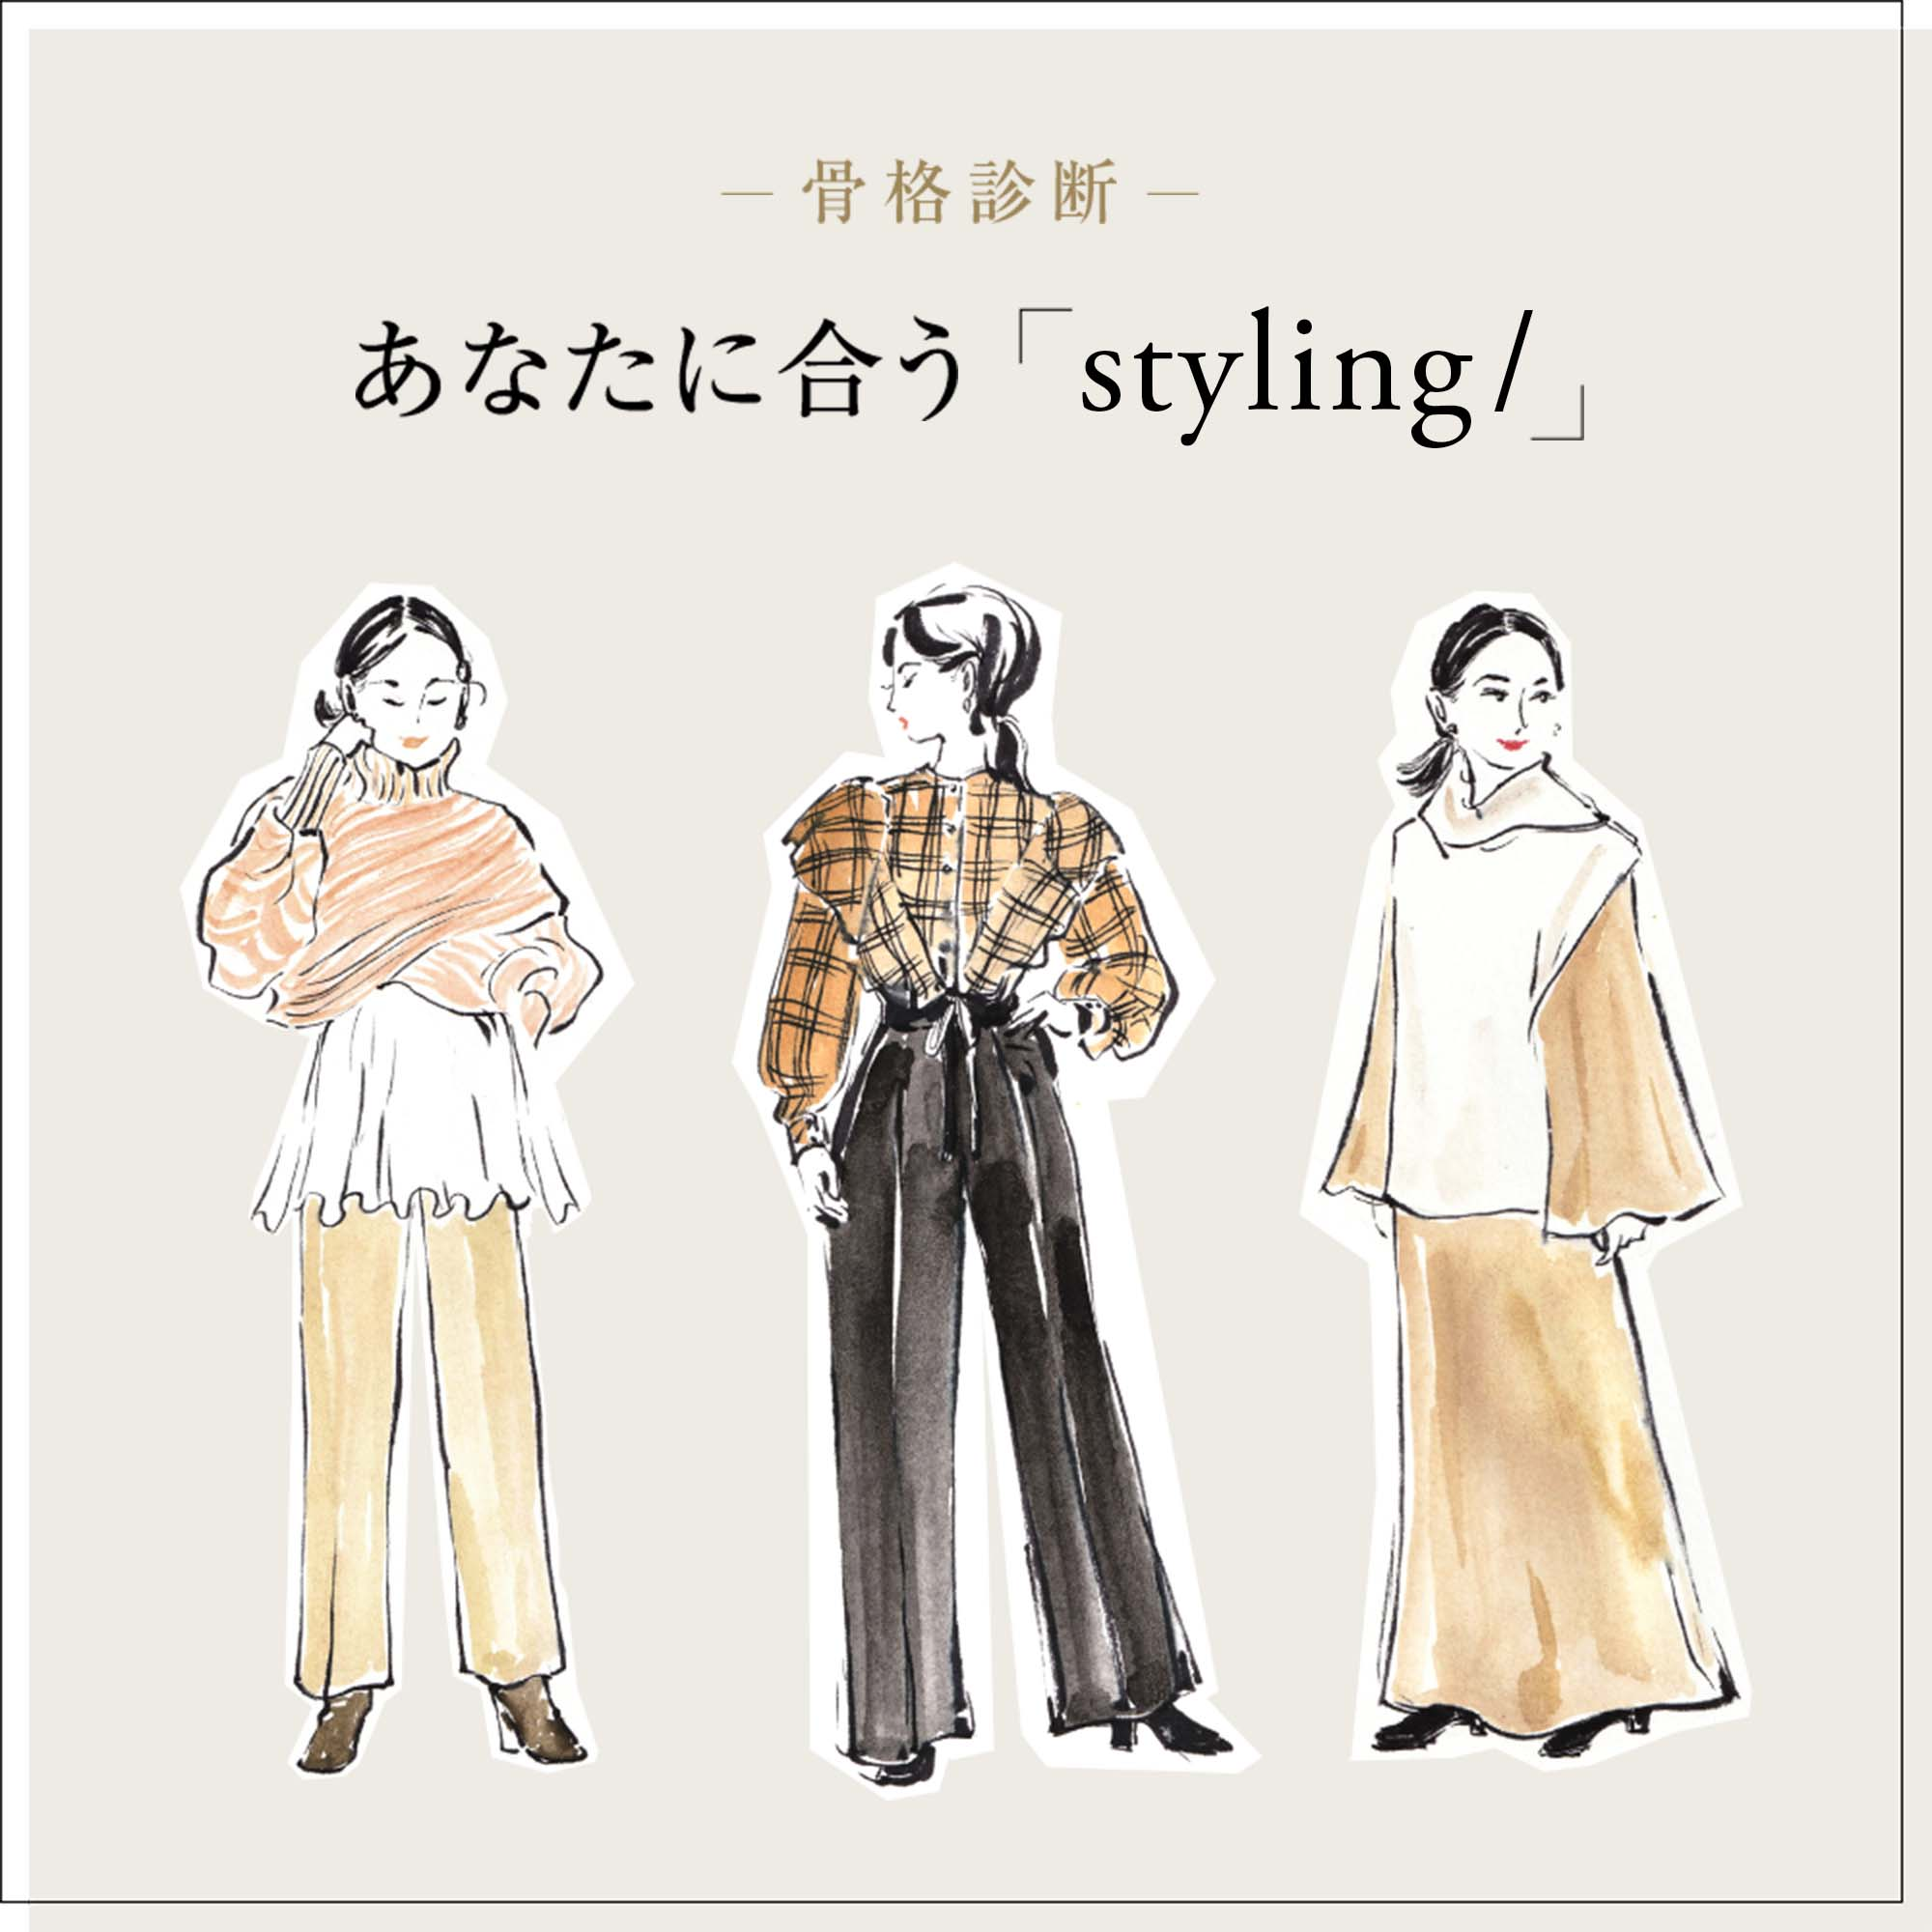 骨格診断 | あなたに合う「styling/」